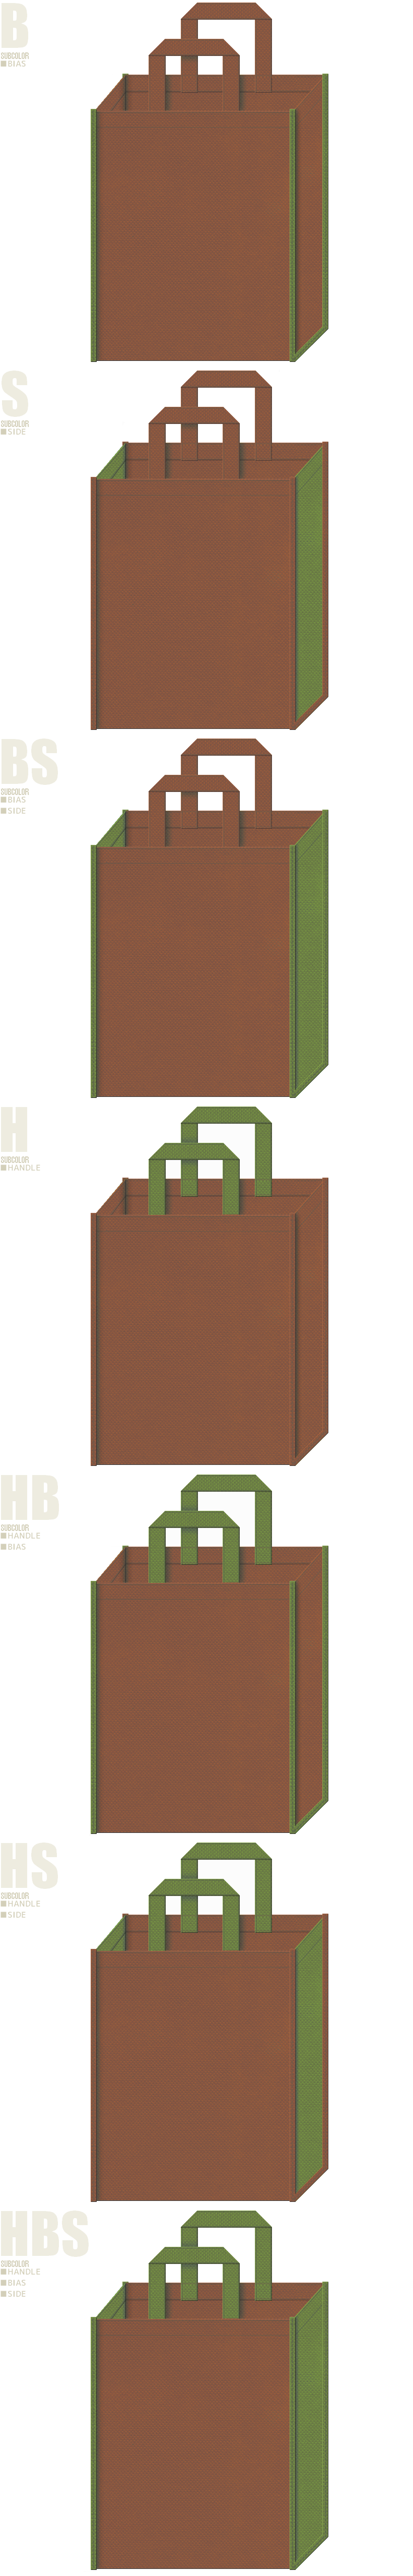 茶道・生け花等の和風催事のバッグノベルティにお奨めです。茶色と草色、7パターンの不織布トートバッグ配色デザイン例。草餅風。